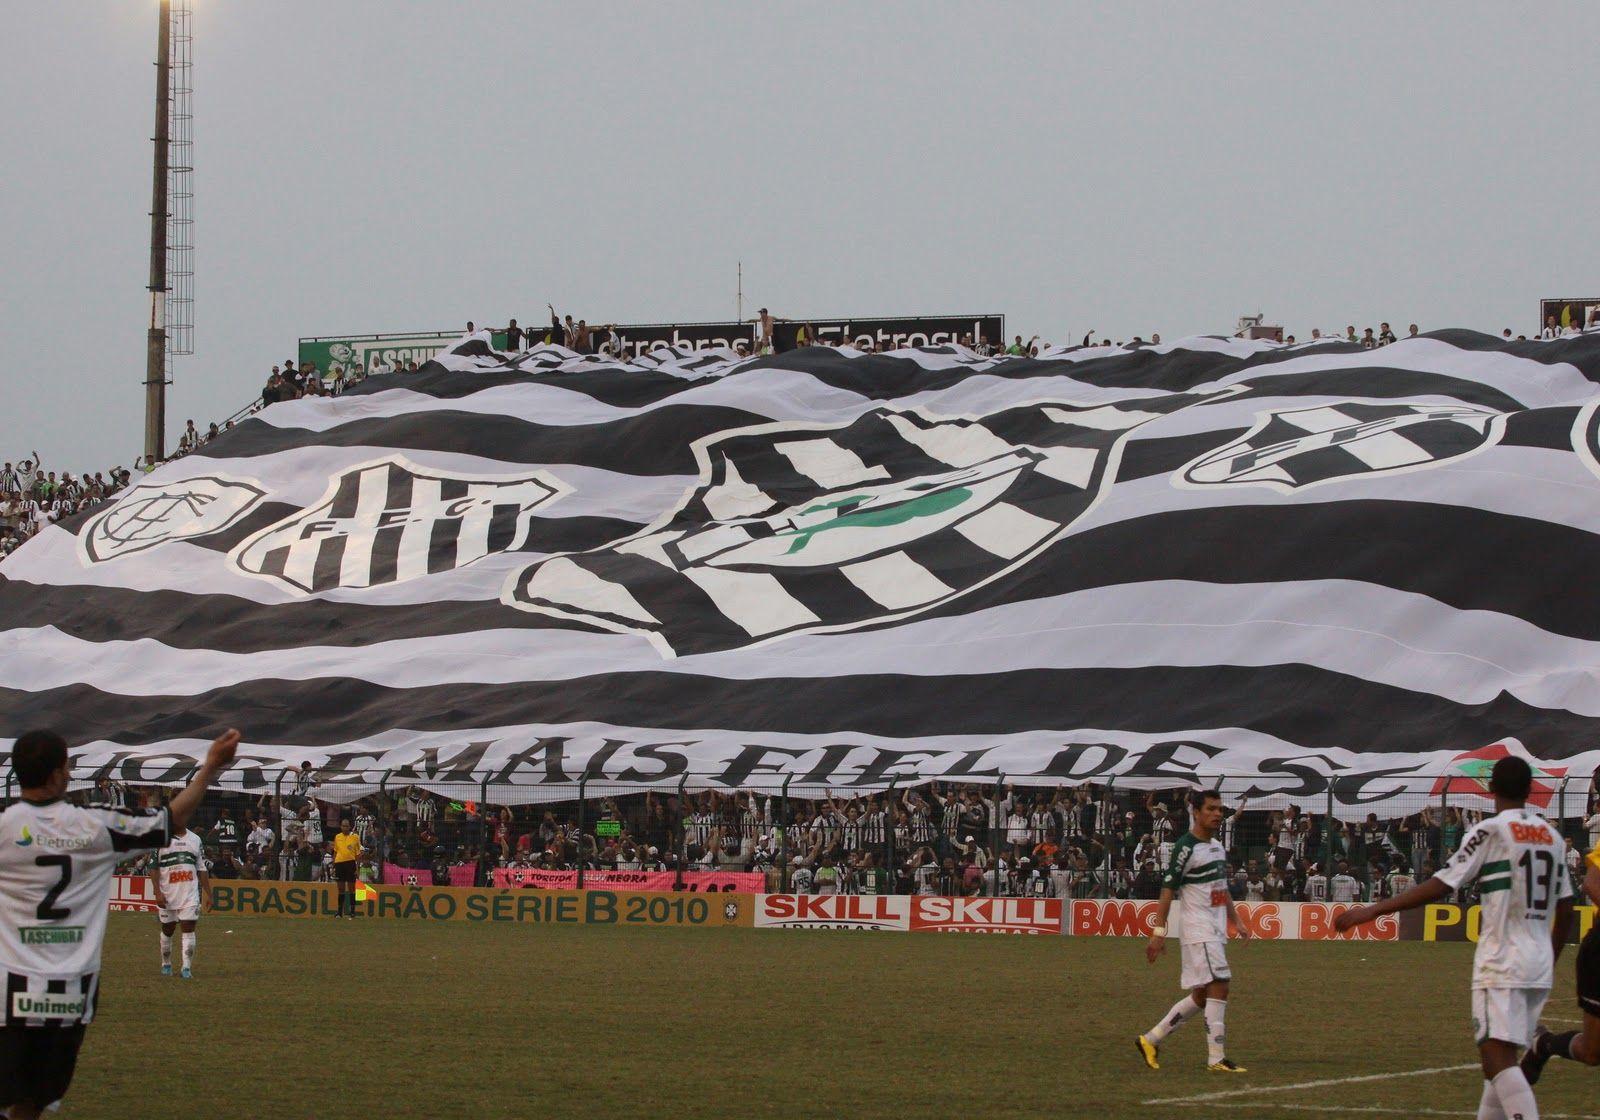 Torcida Do Figueirense Faz A Festa Na Arquibancada Com Bandeirao Gigante Figueirense Futebol Clube Futebol Brasileiro Arquibancadas